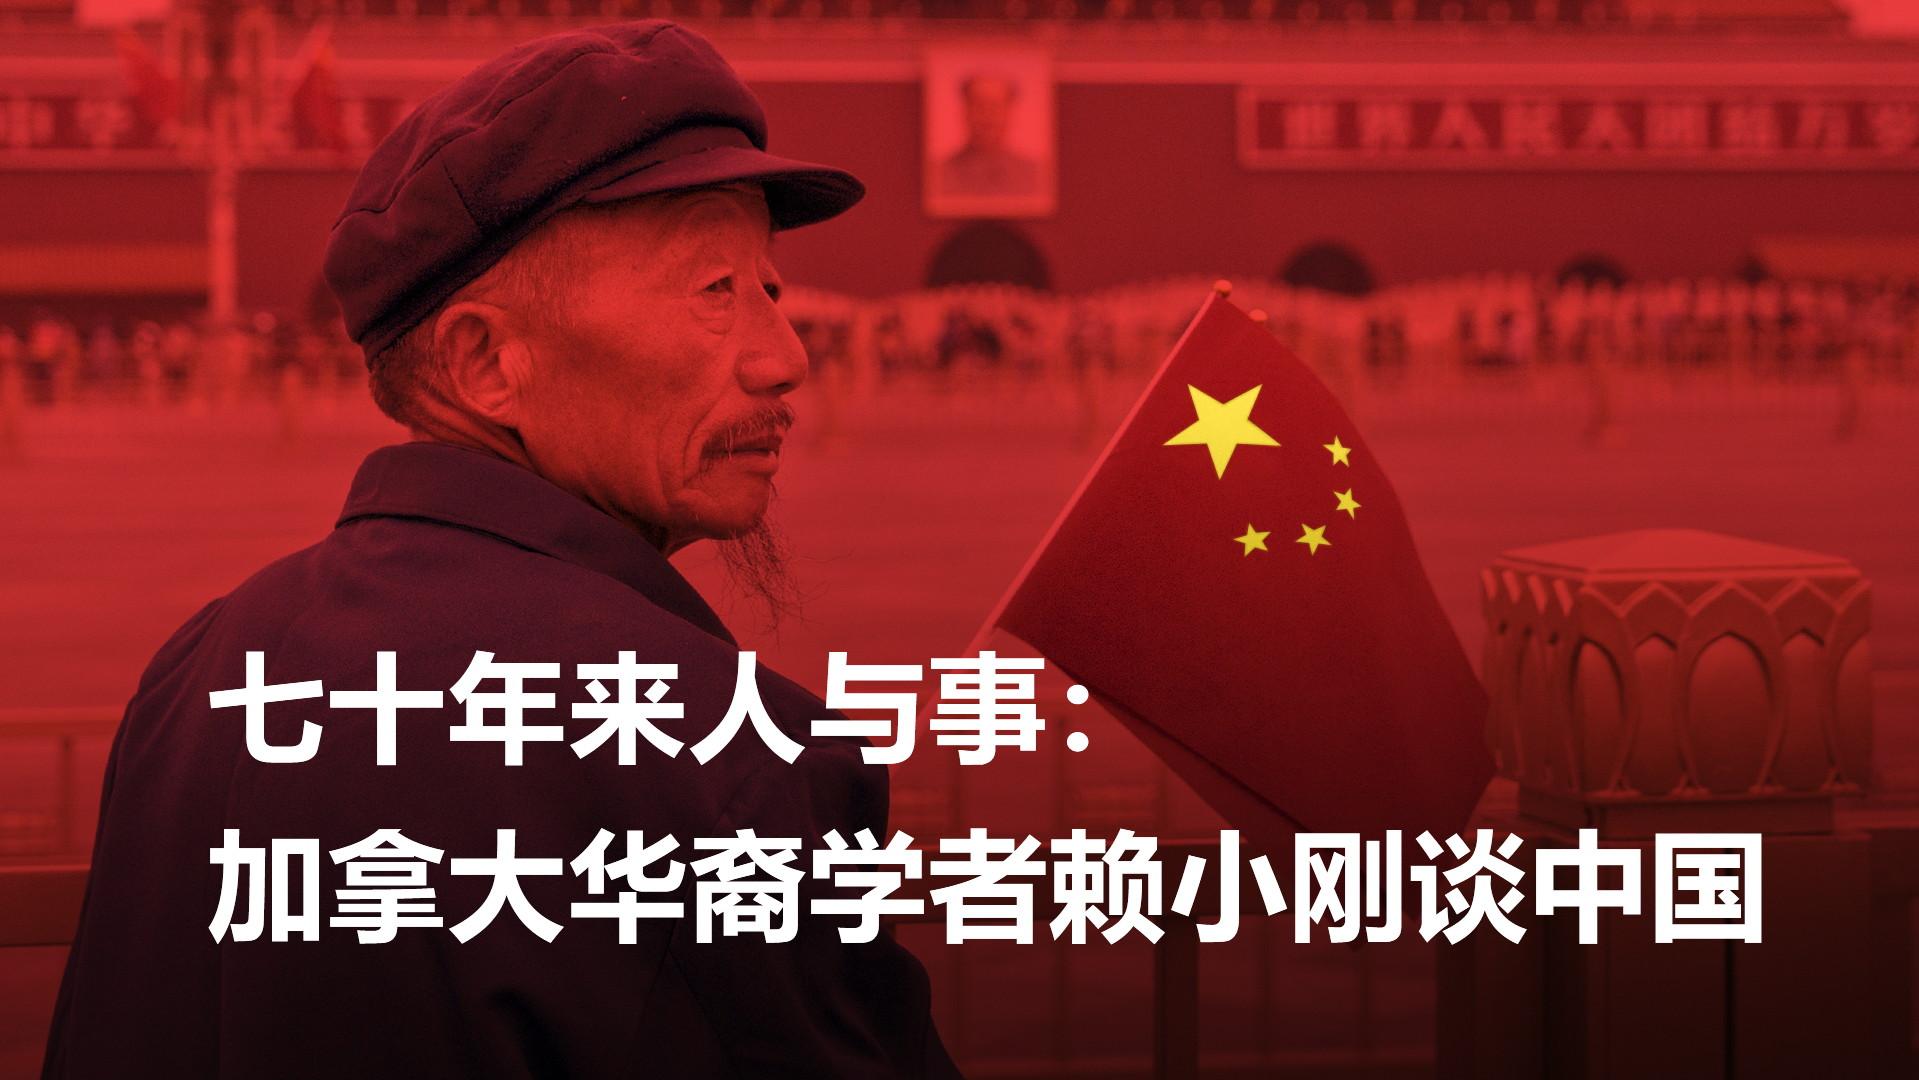 le texte «七十年来人与事:加拿大华裔学者赖小刚谈中国» en blanc avec comme fond, teinté en rouge une personne tenant le drapeau chinois